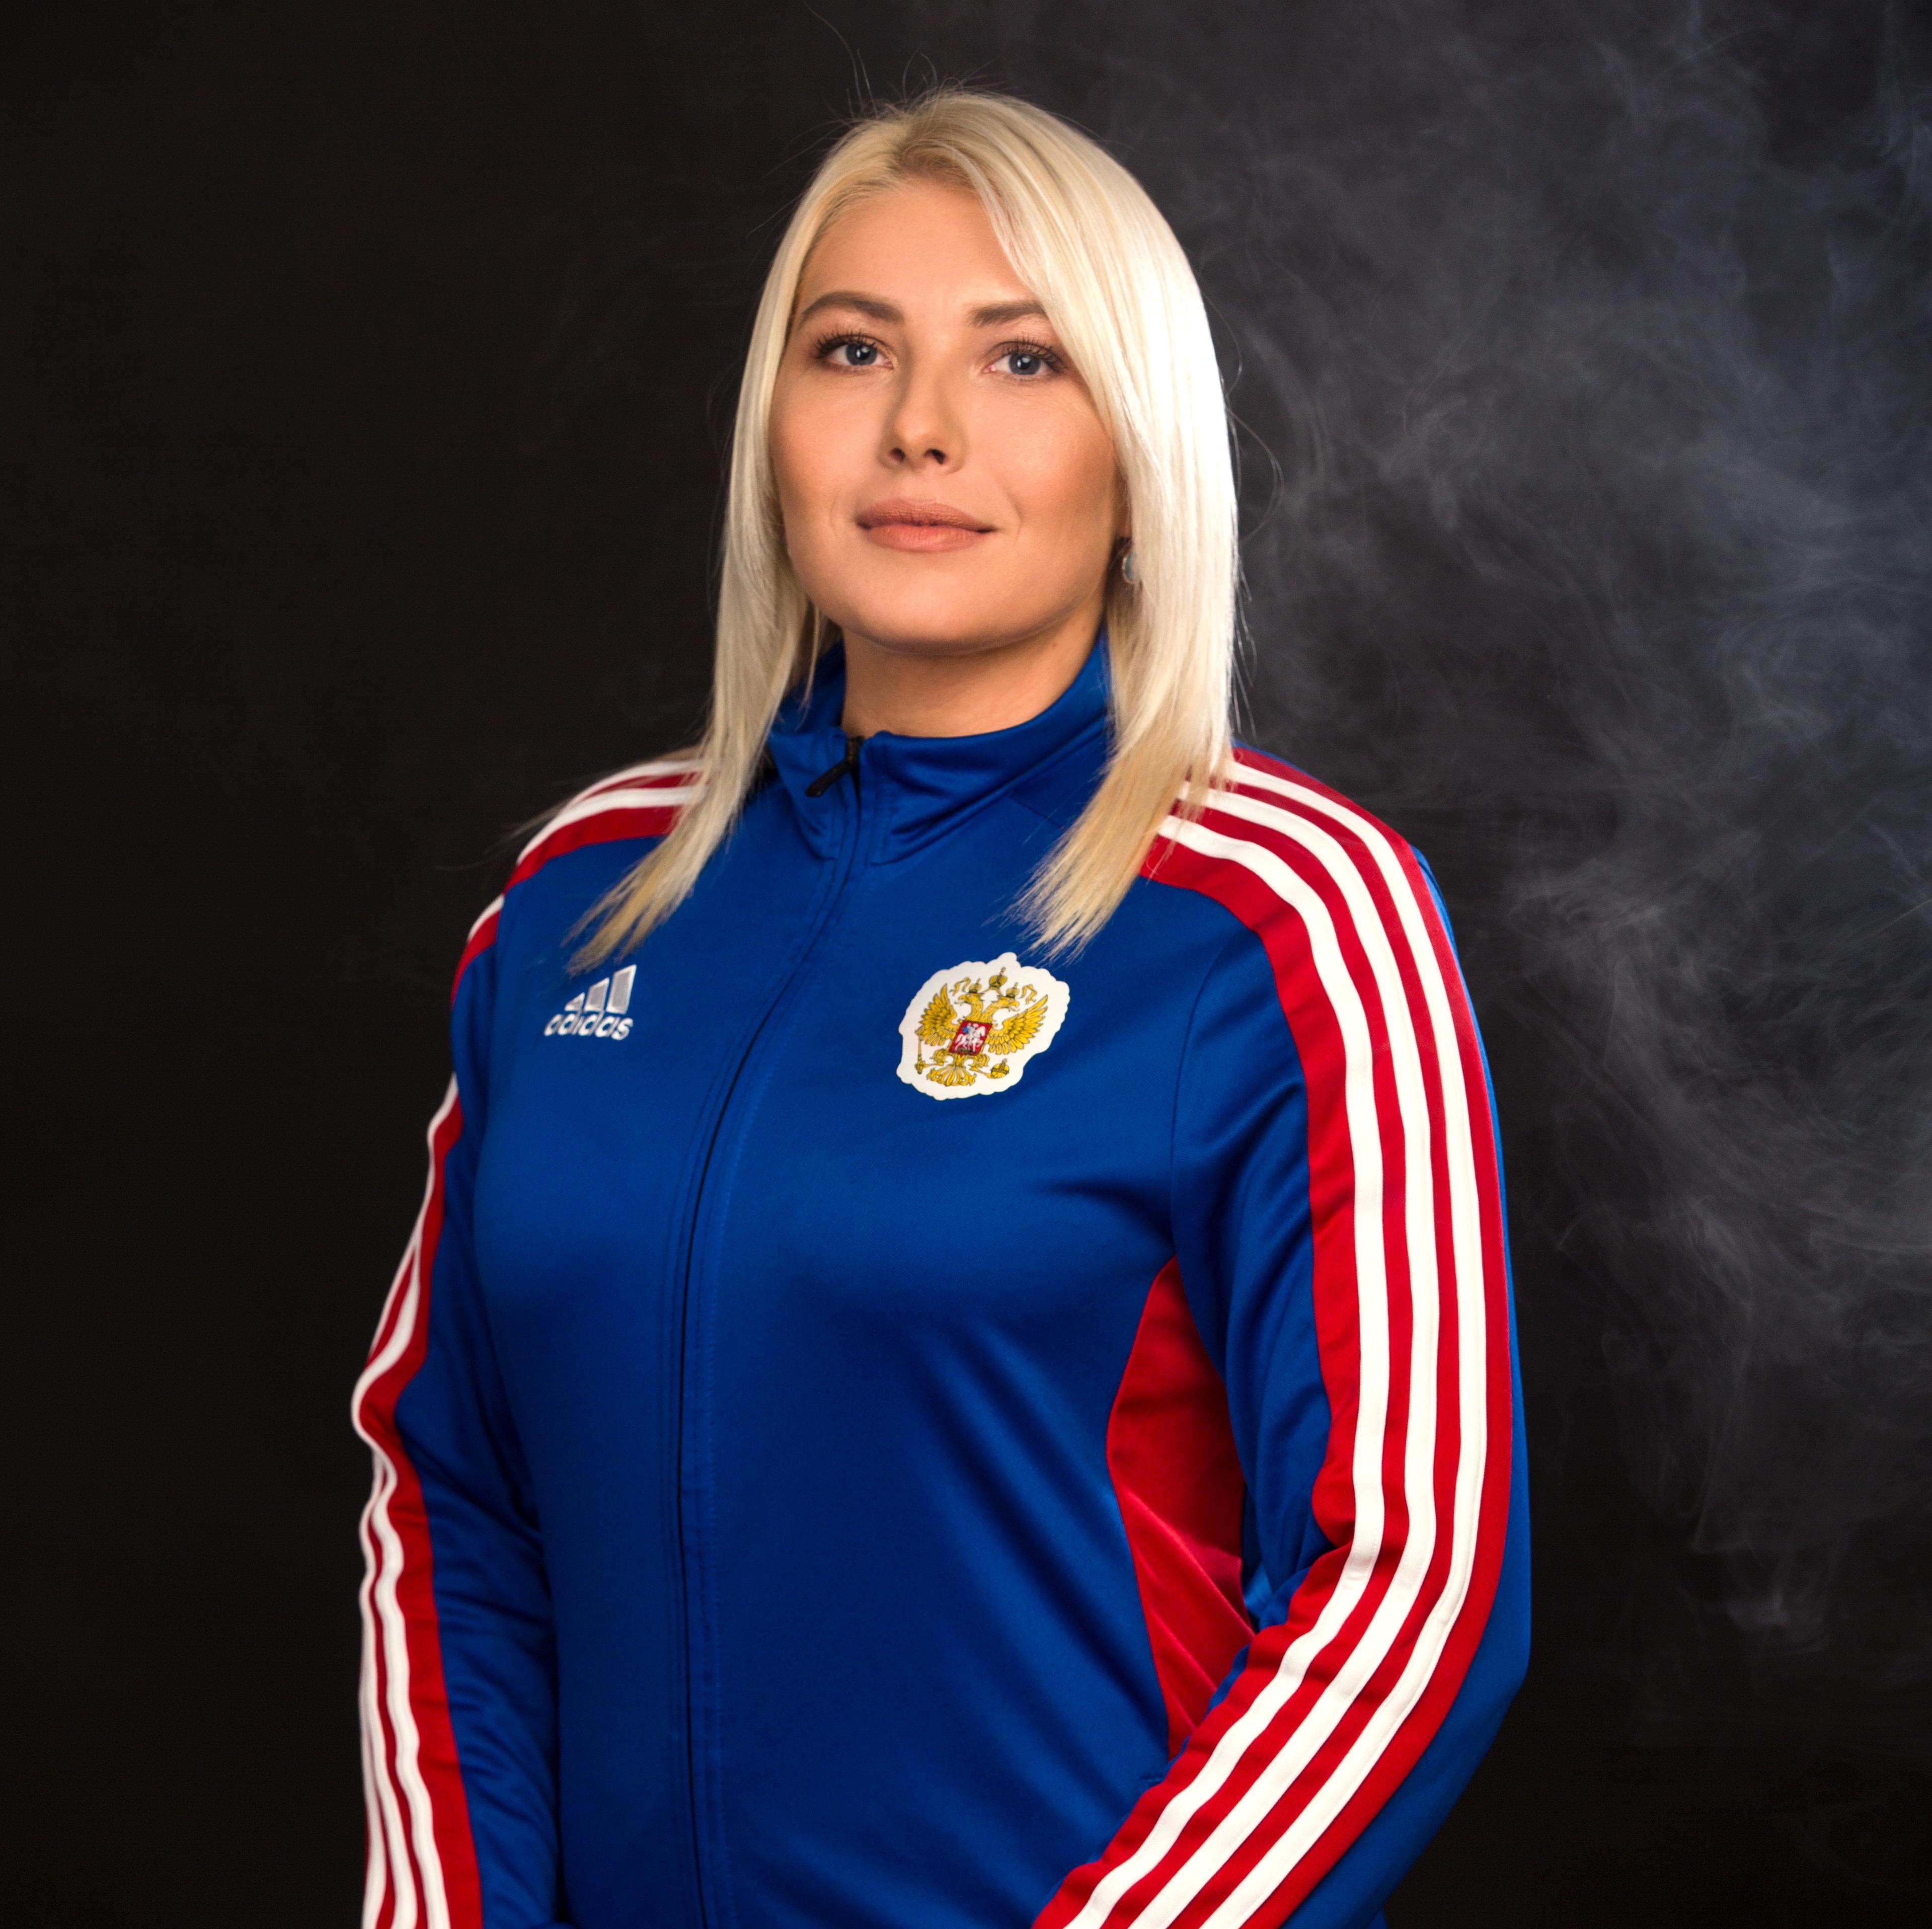 Белоусова Полина Николаевна